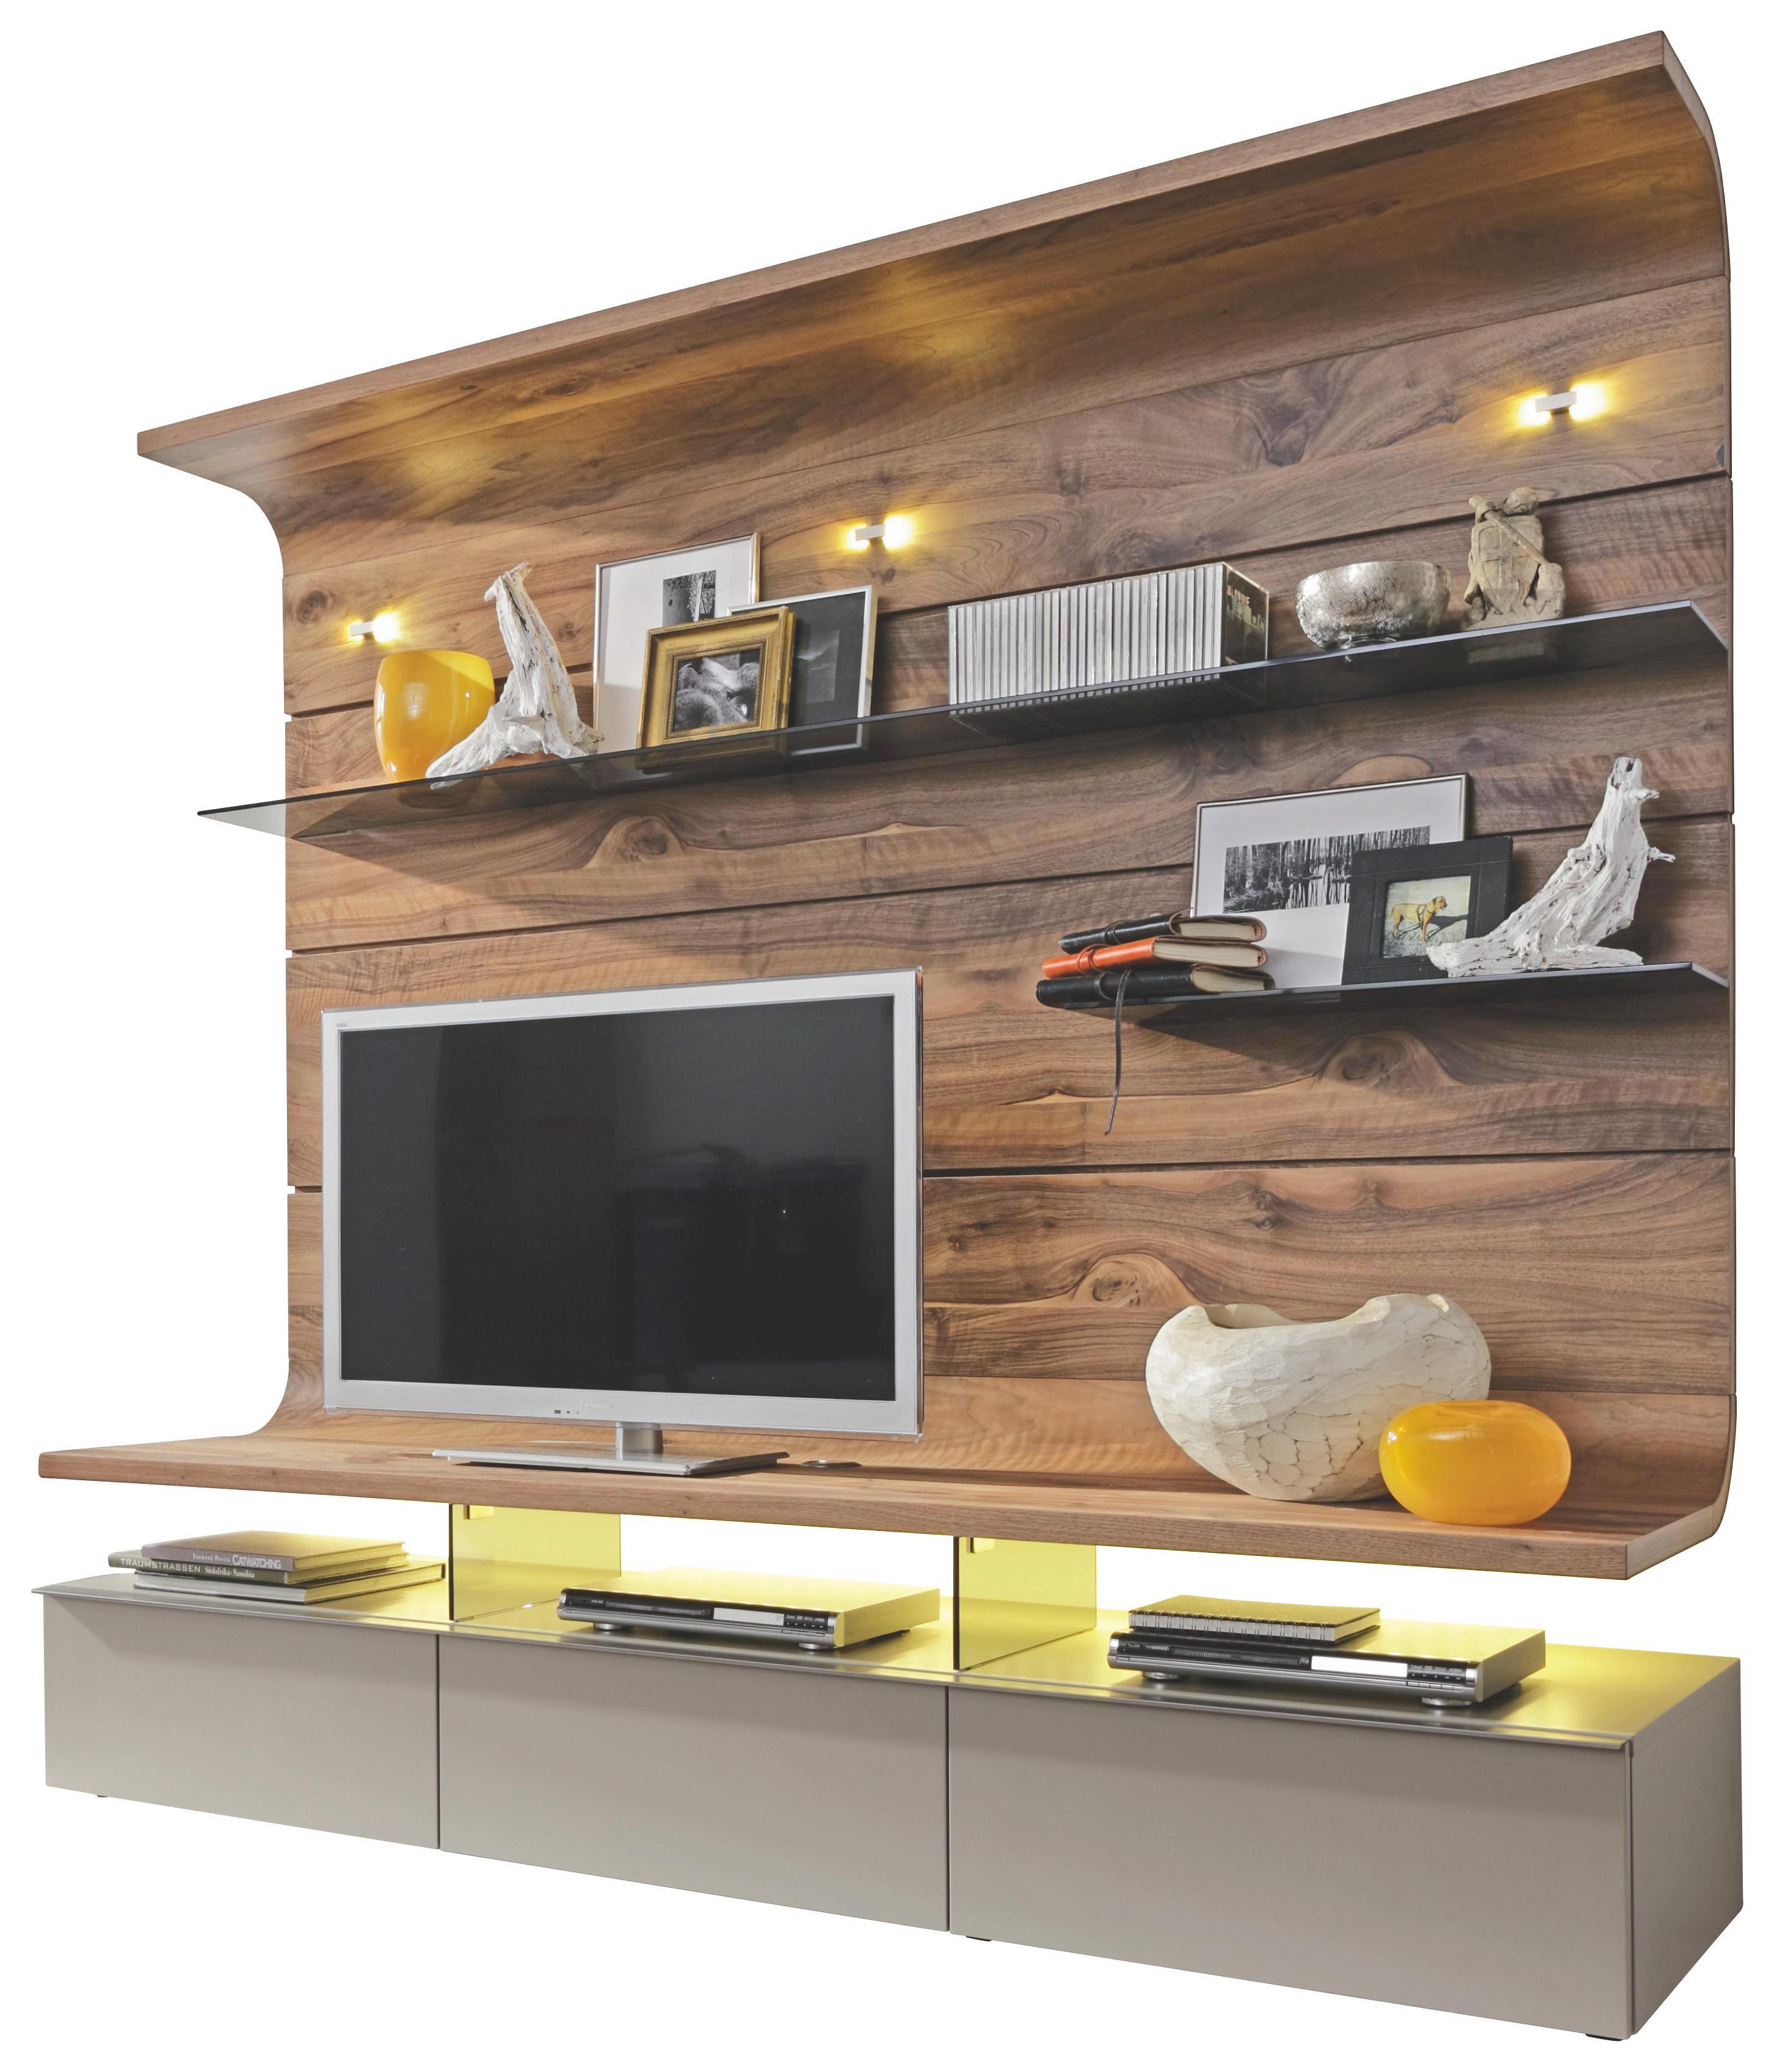 Affordable Elegant Wohnwand In Eichefarben Grau Design Glasholz With  Wohnwand Eiche Grau With Wohnwand Holzoptik With Wohnwand Eiche Grau